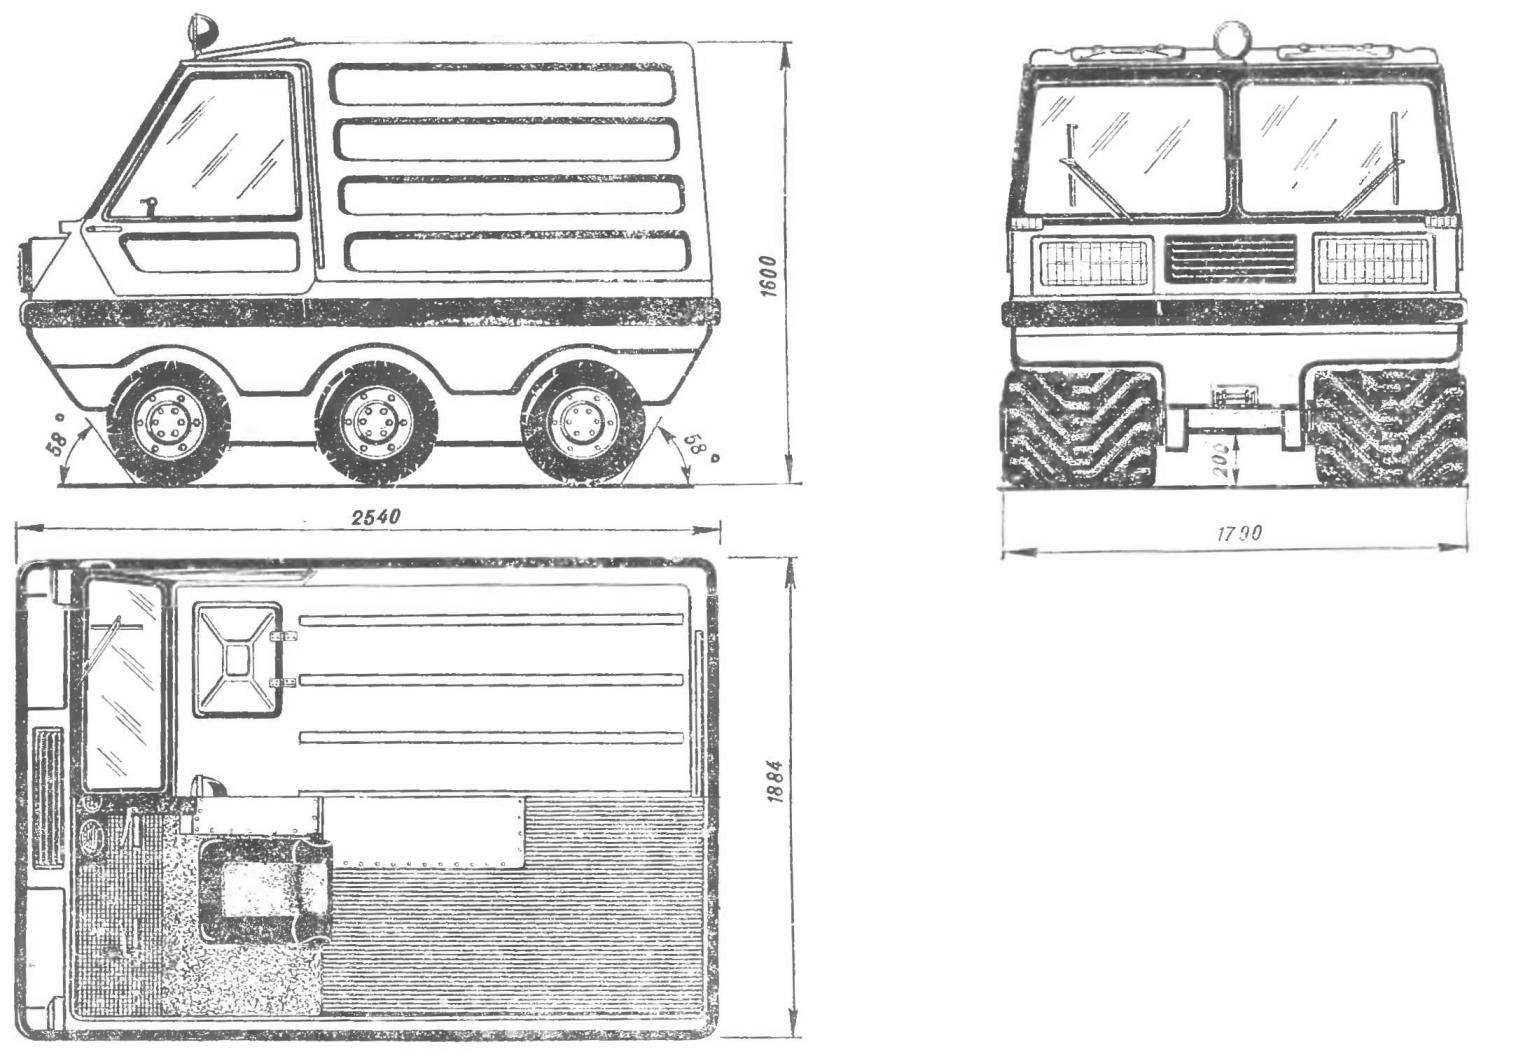 Рис. 1. Легкая машина высокой проходимости, разработанная в лаборатории транспортных систем студенческого проектно-конструкторского бюро МВТУ имени Н. Э. Баумана (вариант с кузовом).